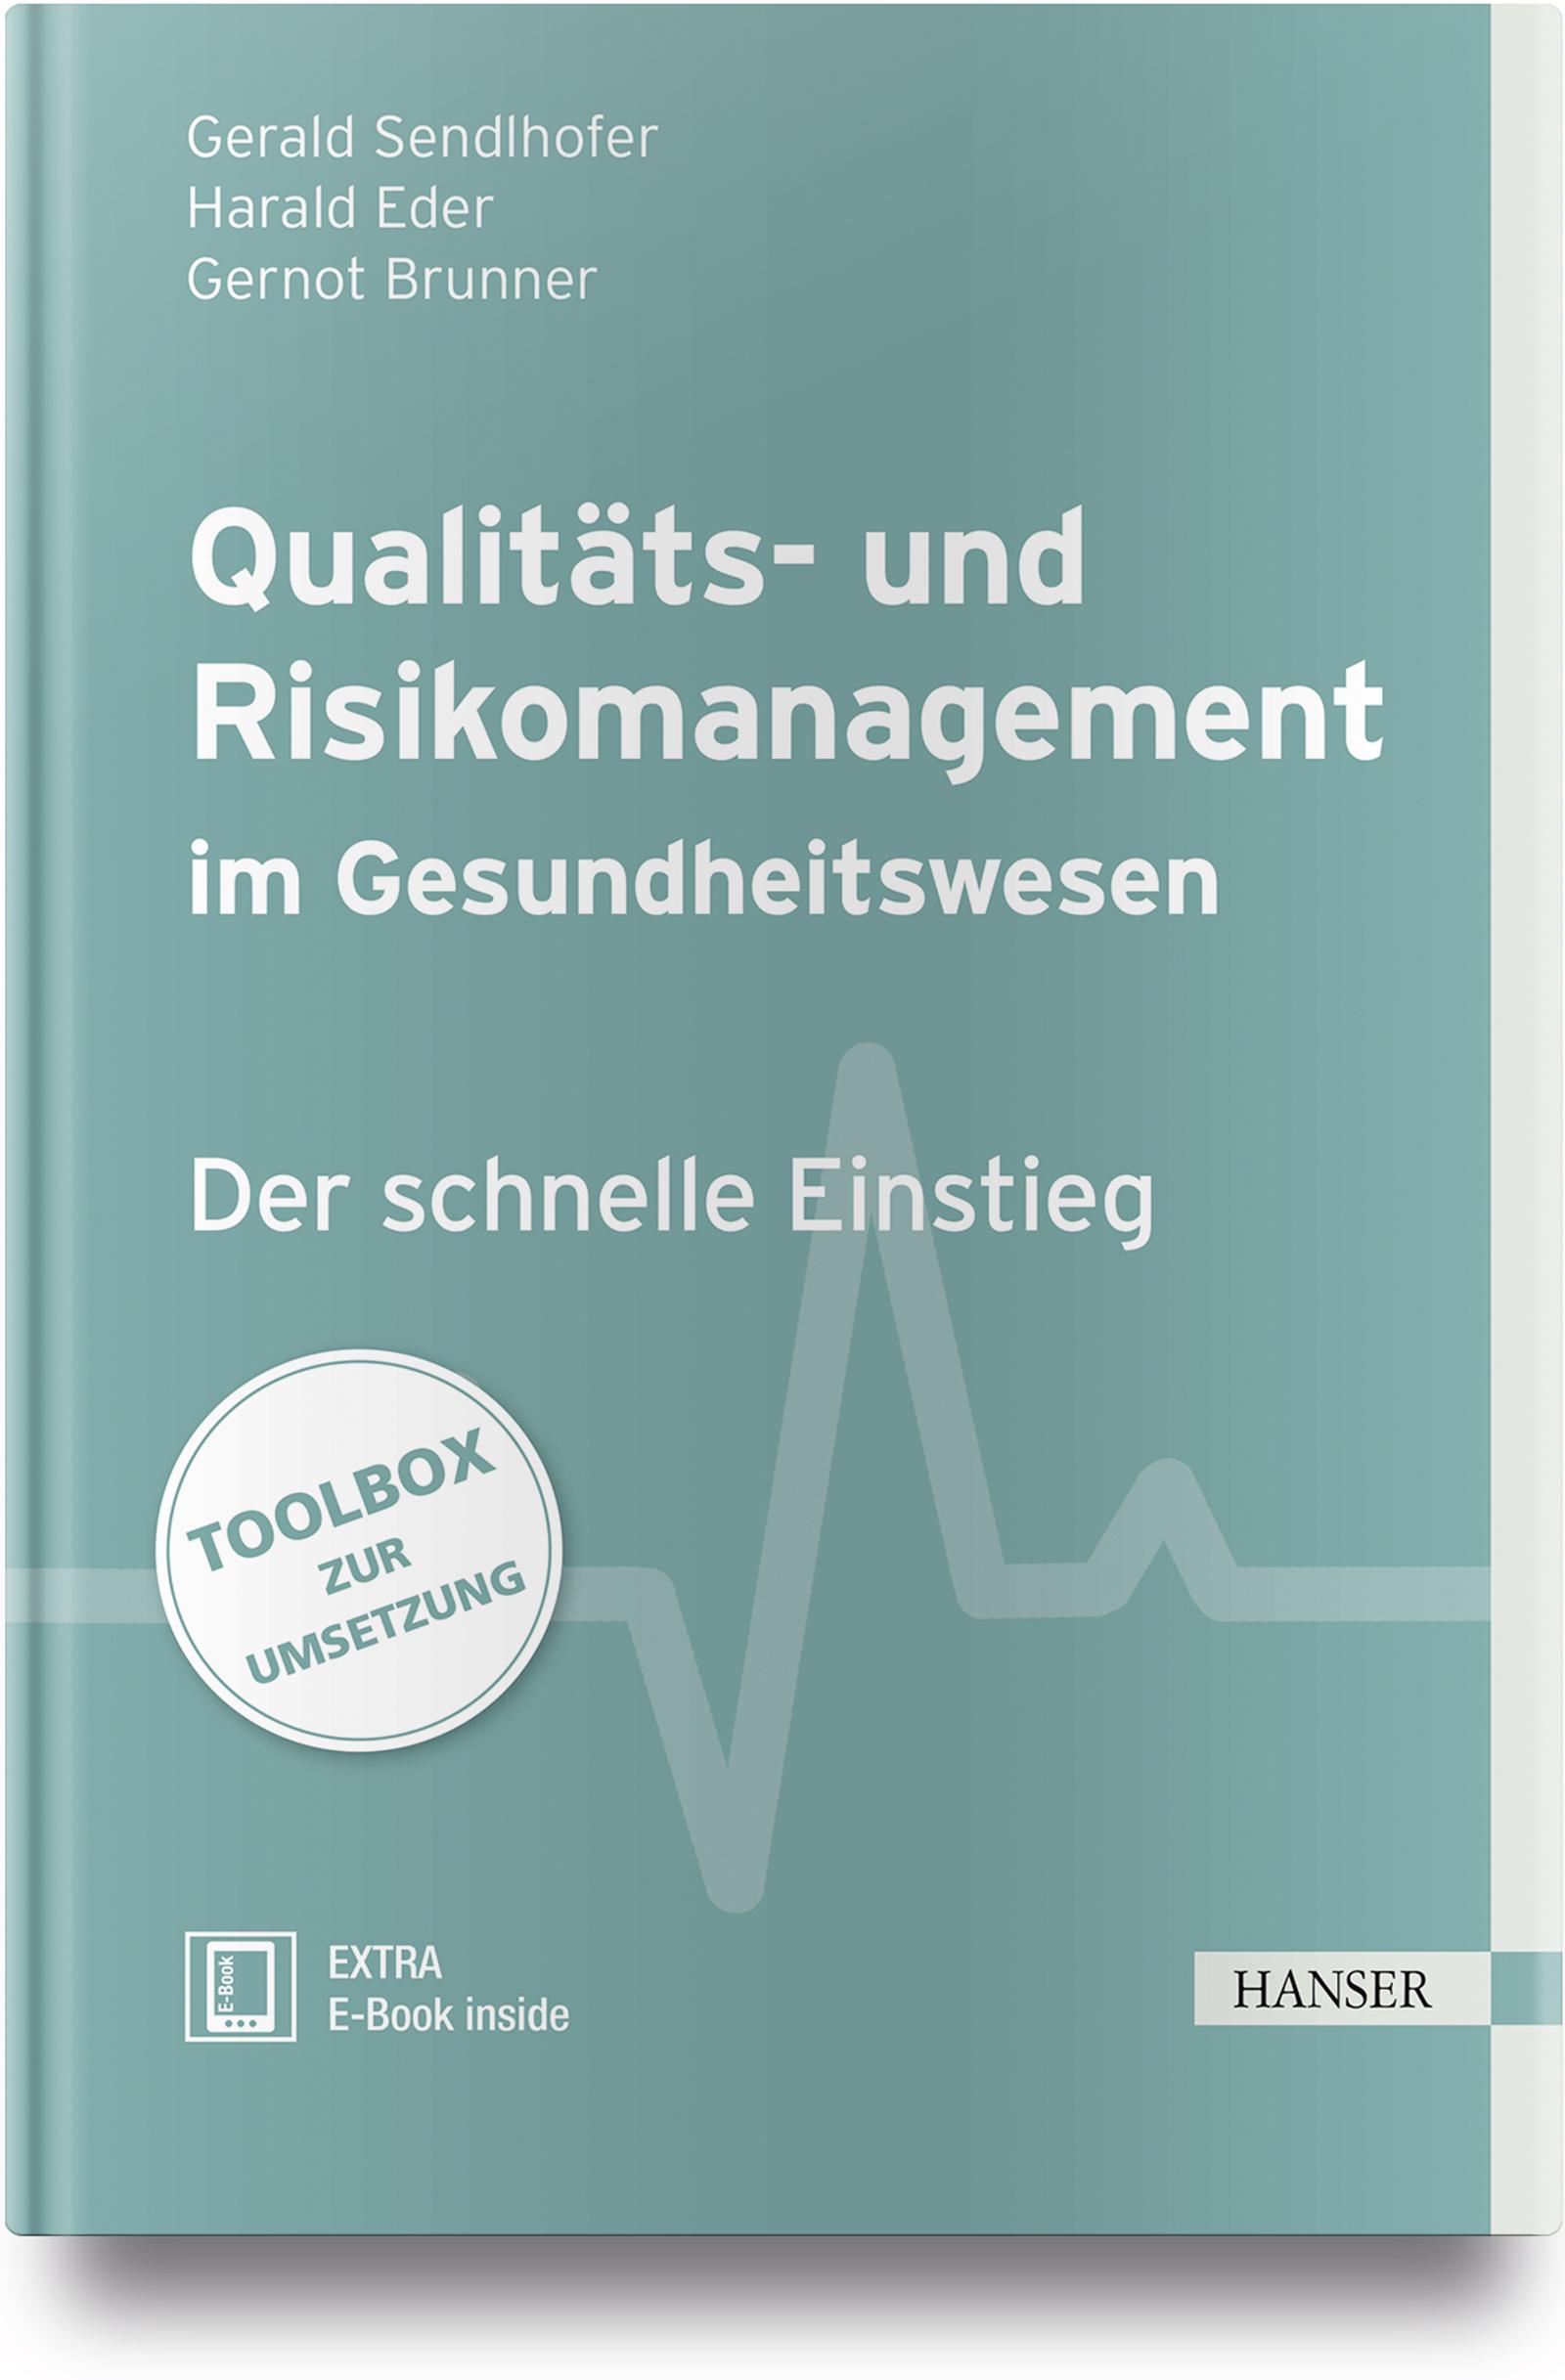 Sendlhofer, Brunner, Eder, Qualitäts- und Risikomanagement im Gesundheitswesen, 978-3-446-45476-7